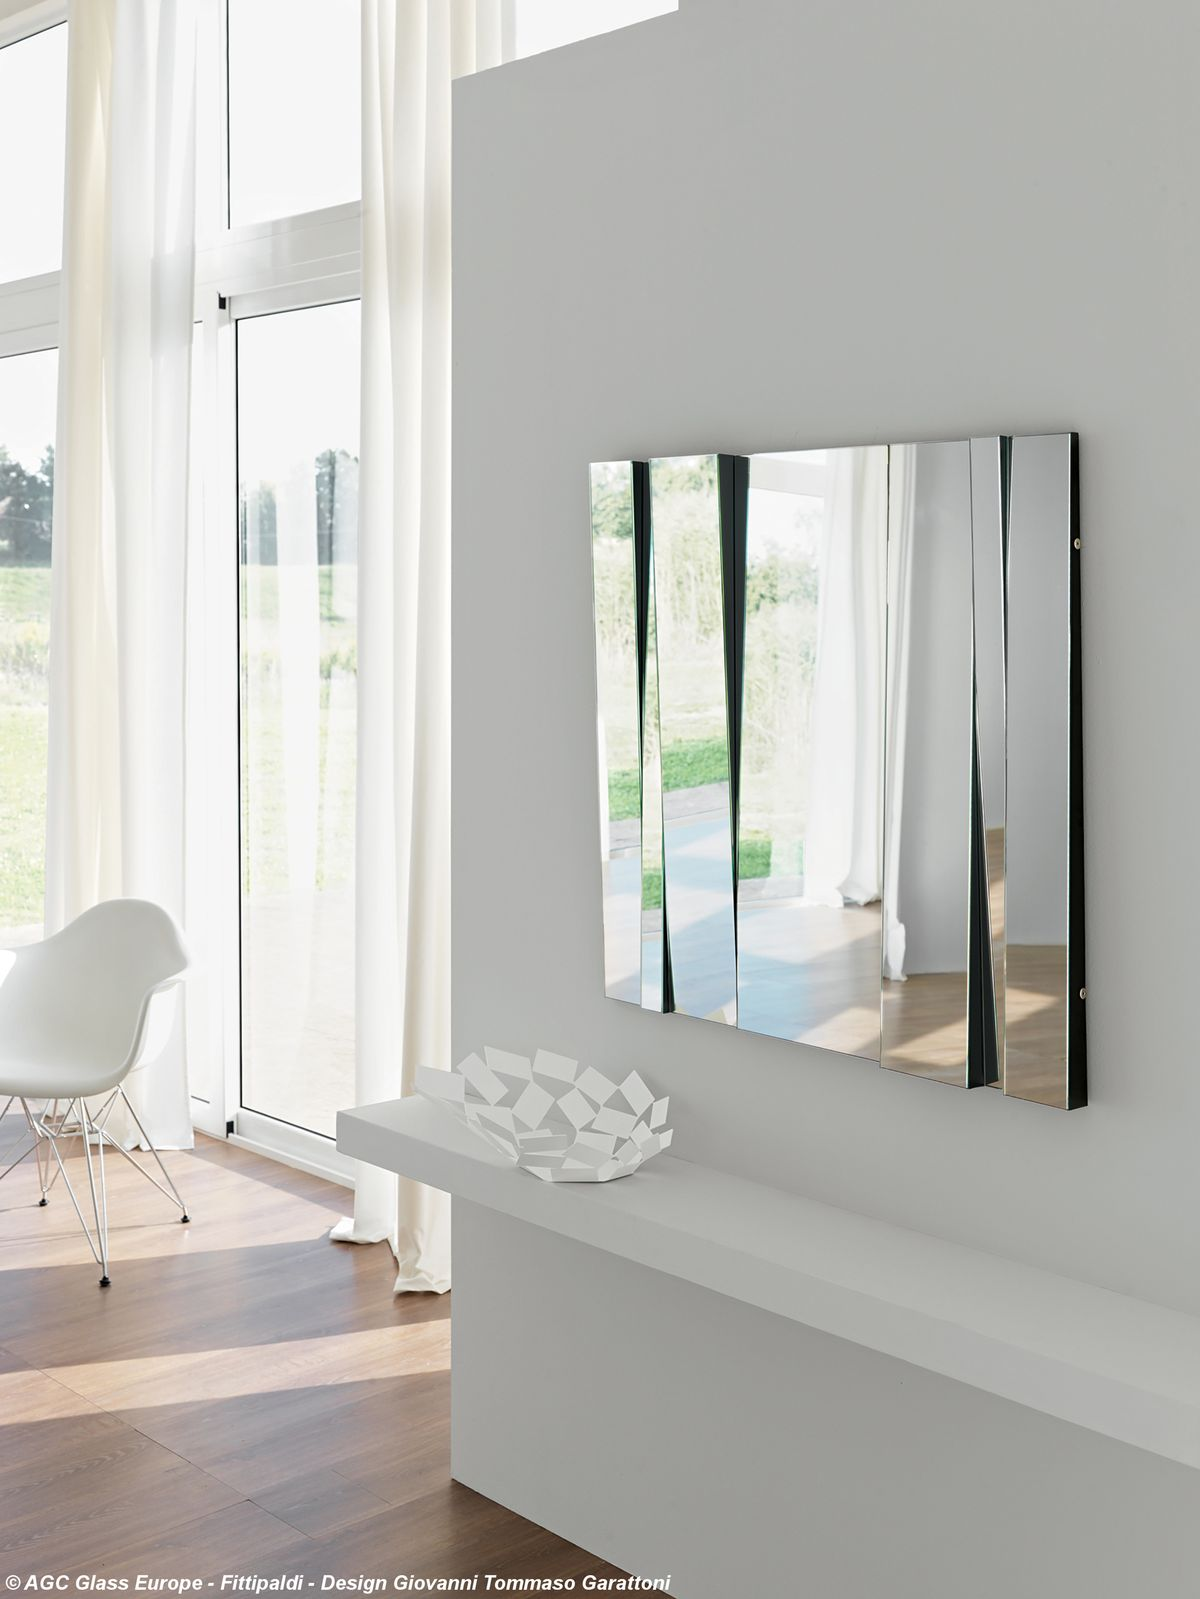 Miroir FITTIPALDI, conception Giovanni Tommaso Garattoni